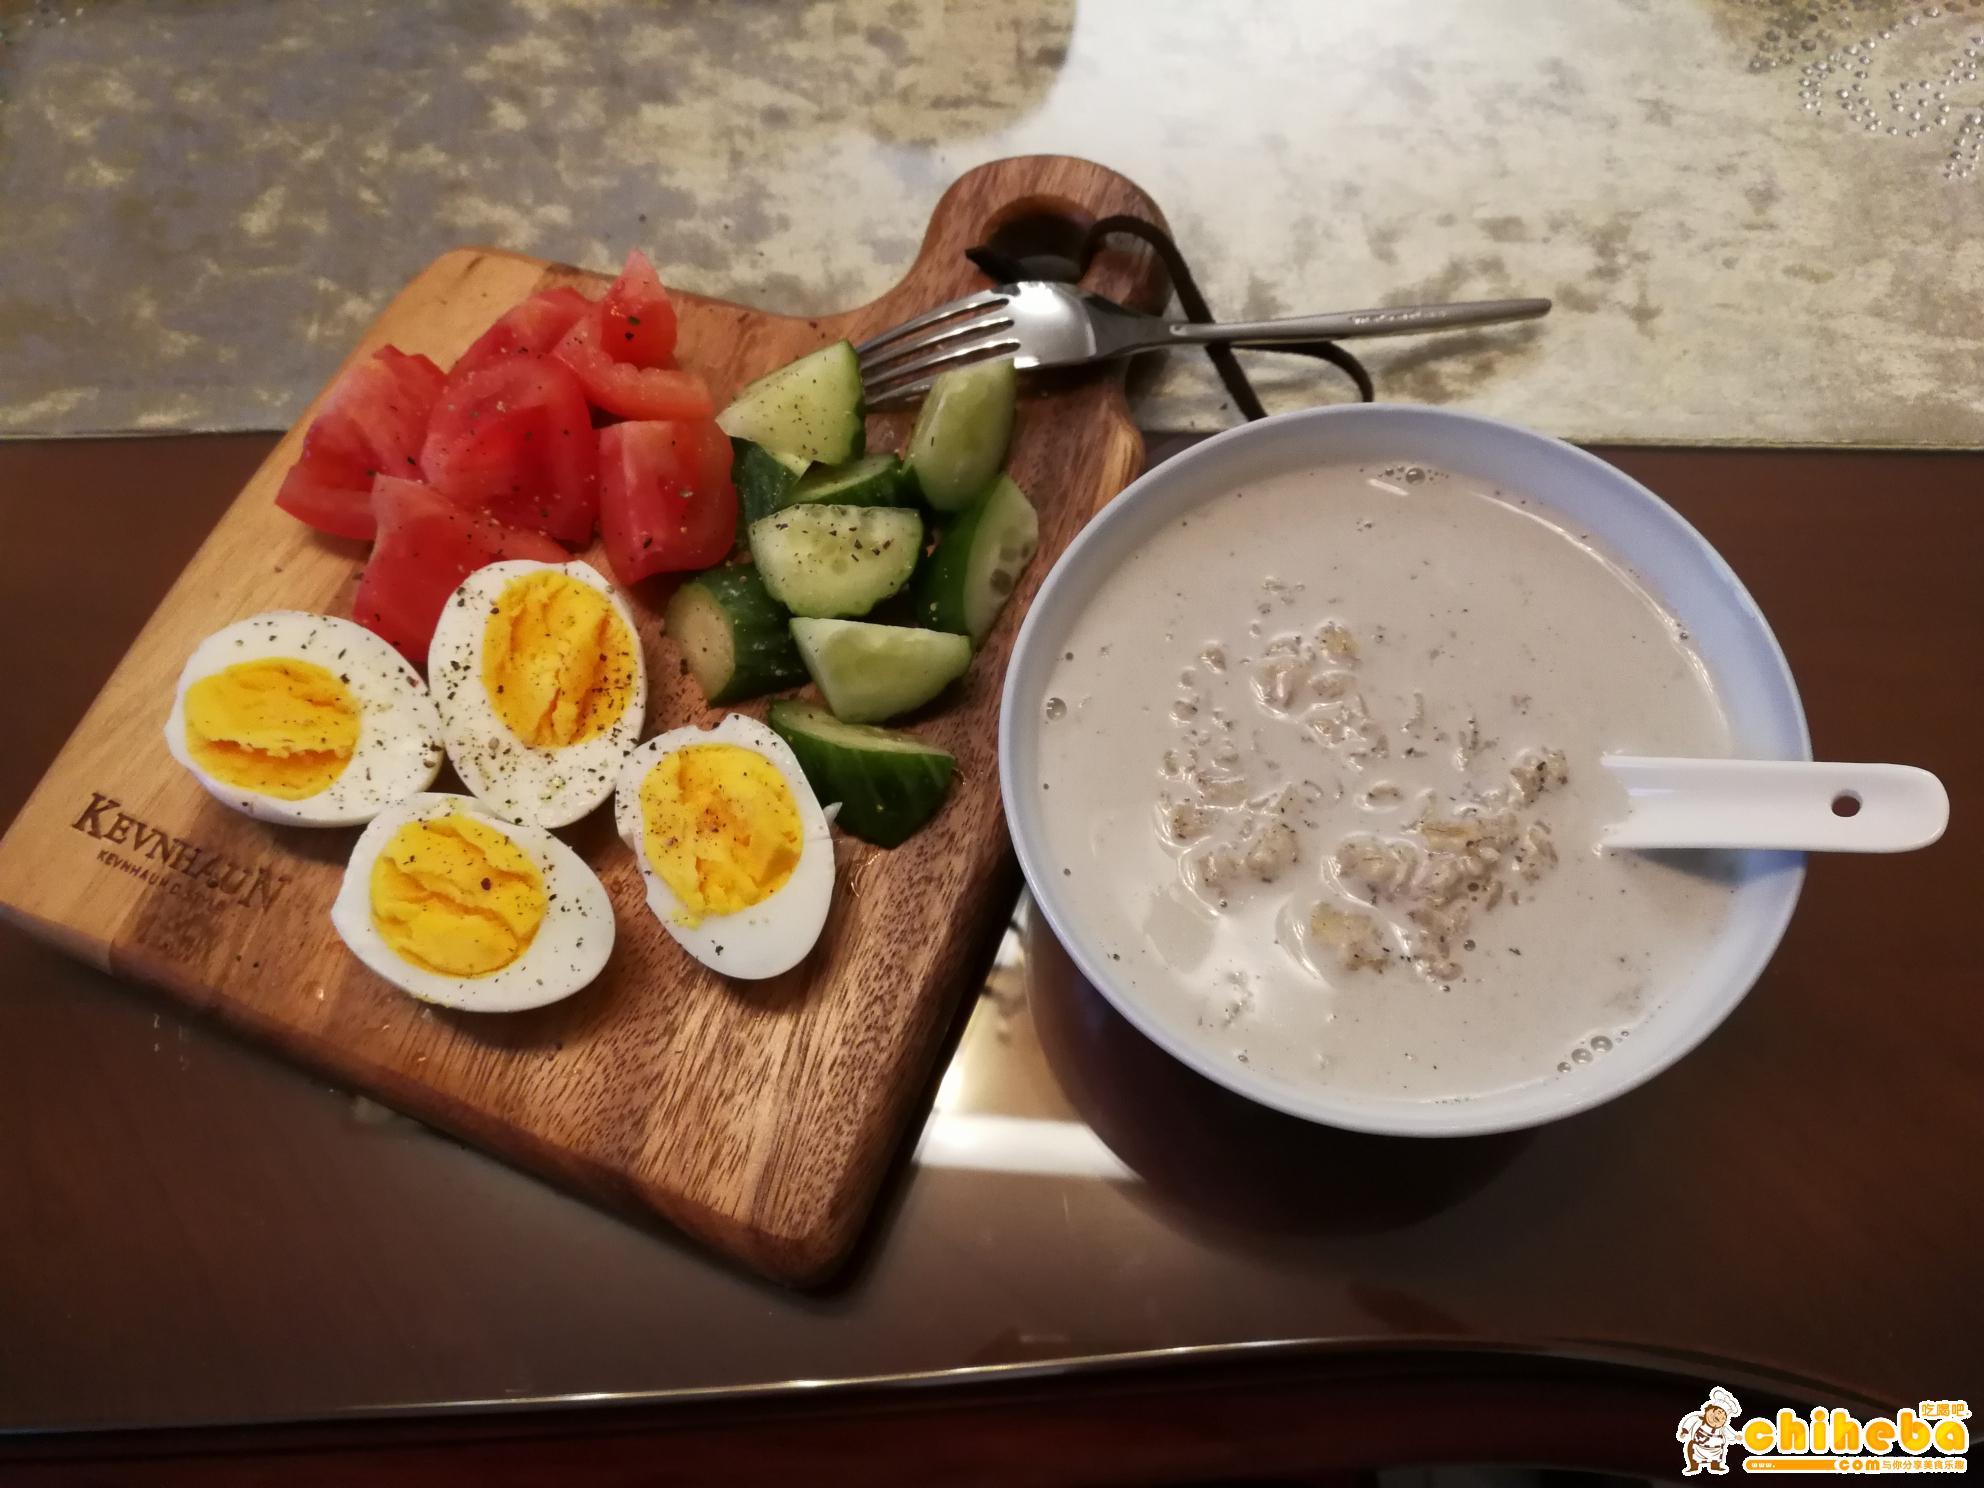 减肥食谱第1天-早餐的做法 步骤1